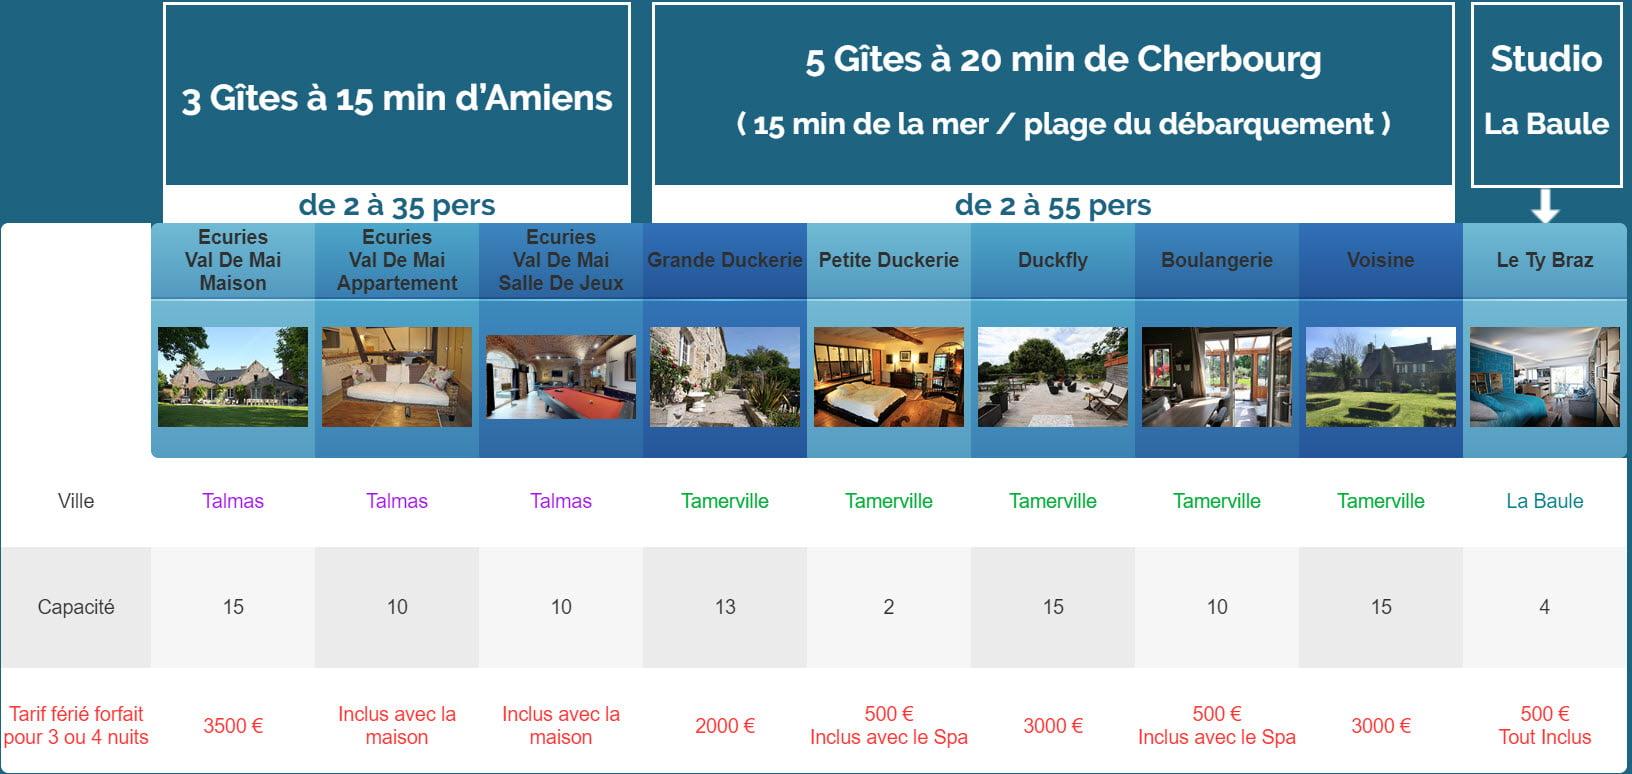 feriee ancien gites - Modification - Location de Gite La Clef Decamp - Laclefdecamp.fr